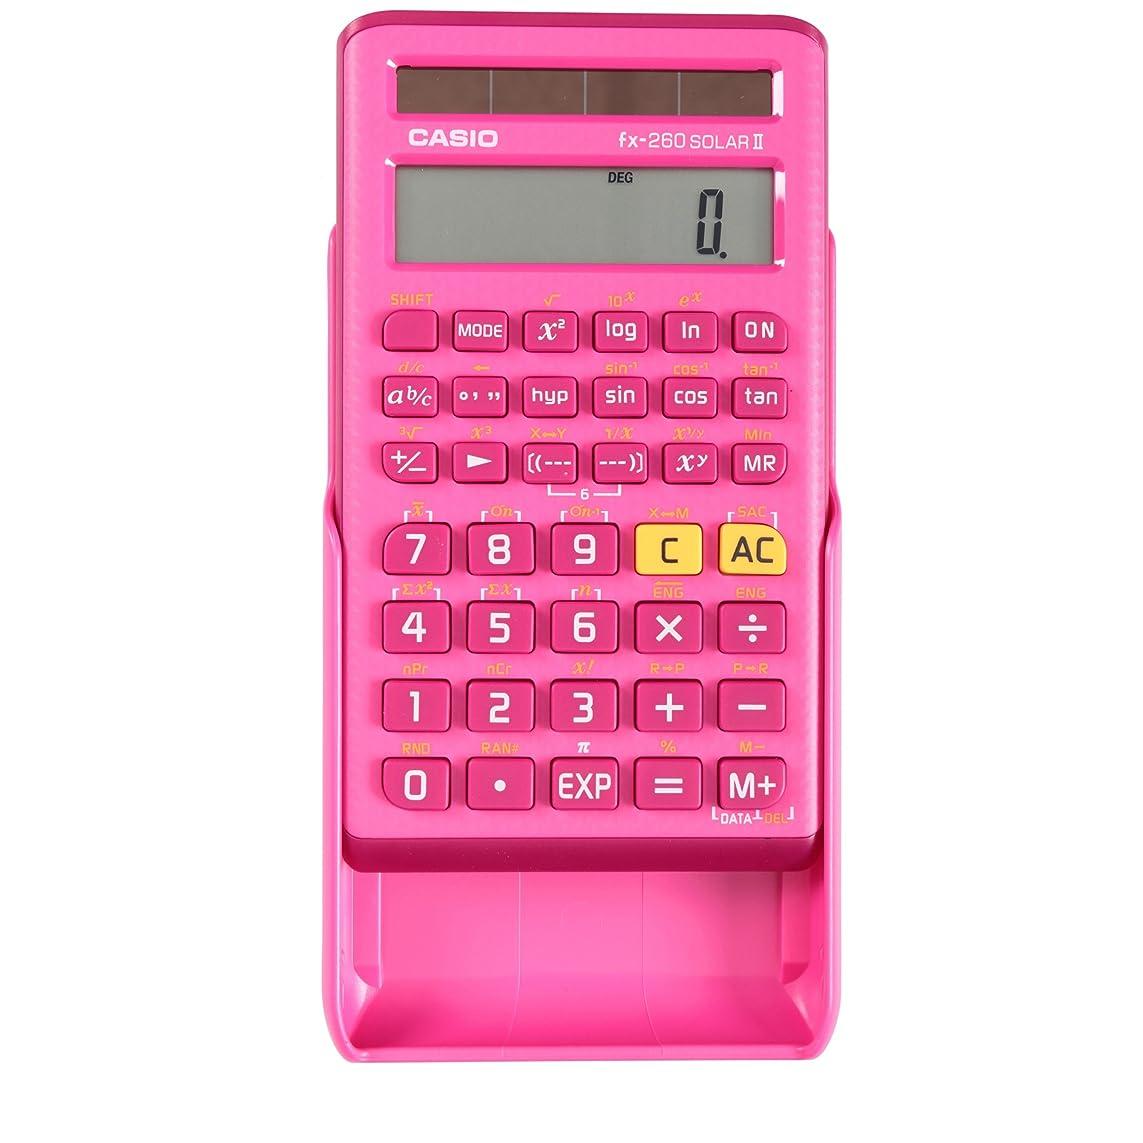 ハリケーンながらアライメントCASIO カシオ 関数電卓 fx-260 SOLAR II(ピンク) [並行輸入品]